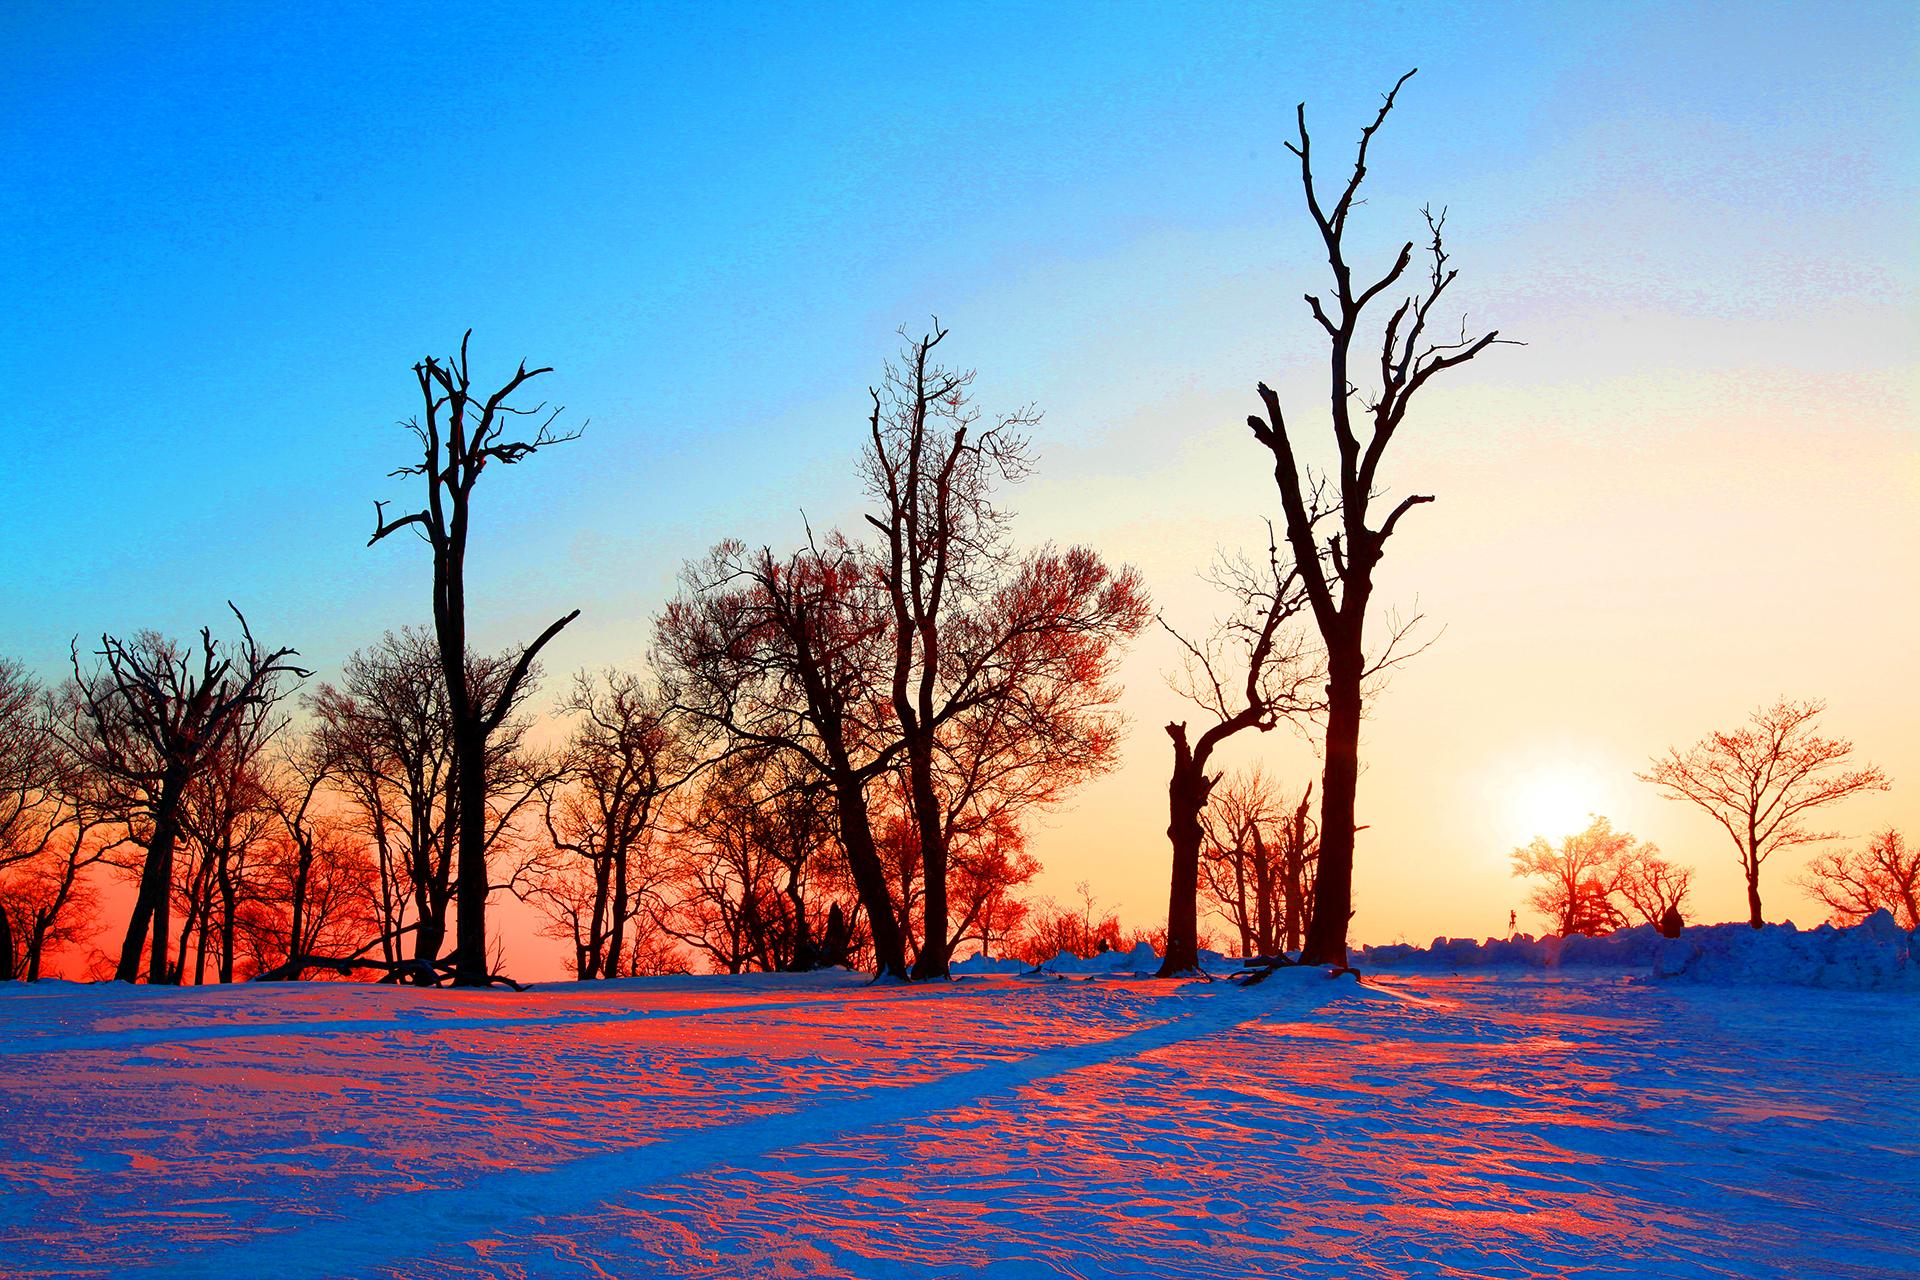 吉林四方頂子初冬換裝:玉樹瓊枝枯木天堂美不勝收